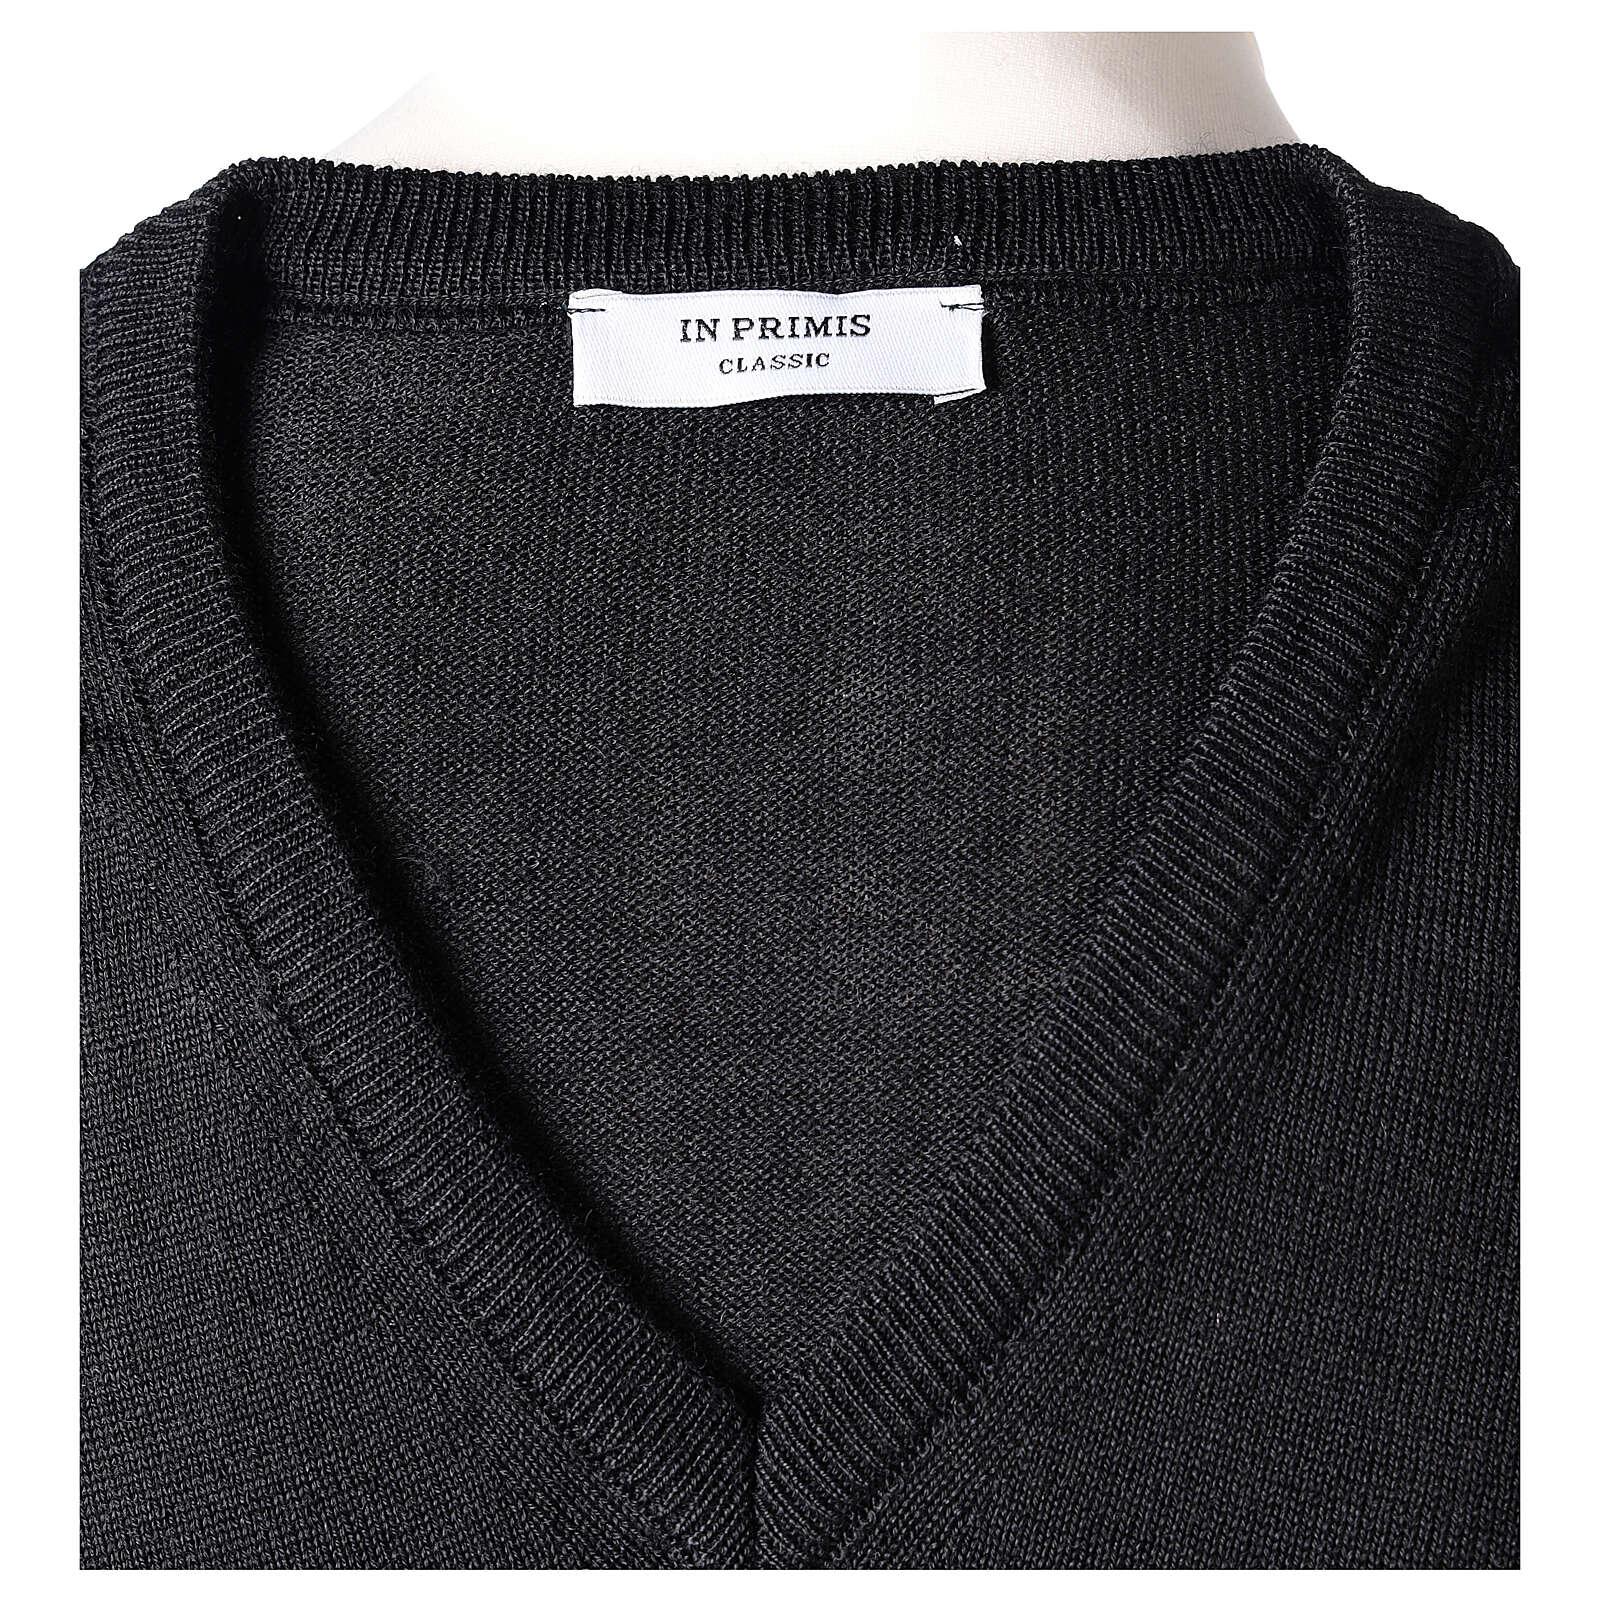 Chaleco sacerdote negro cerrado punto al derecho 50% lana merina 50% acrílico In Primis 4